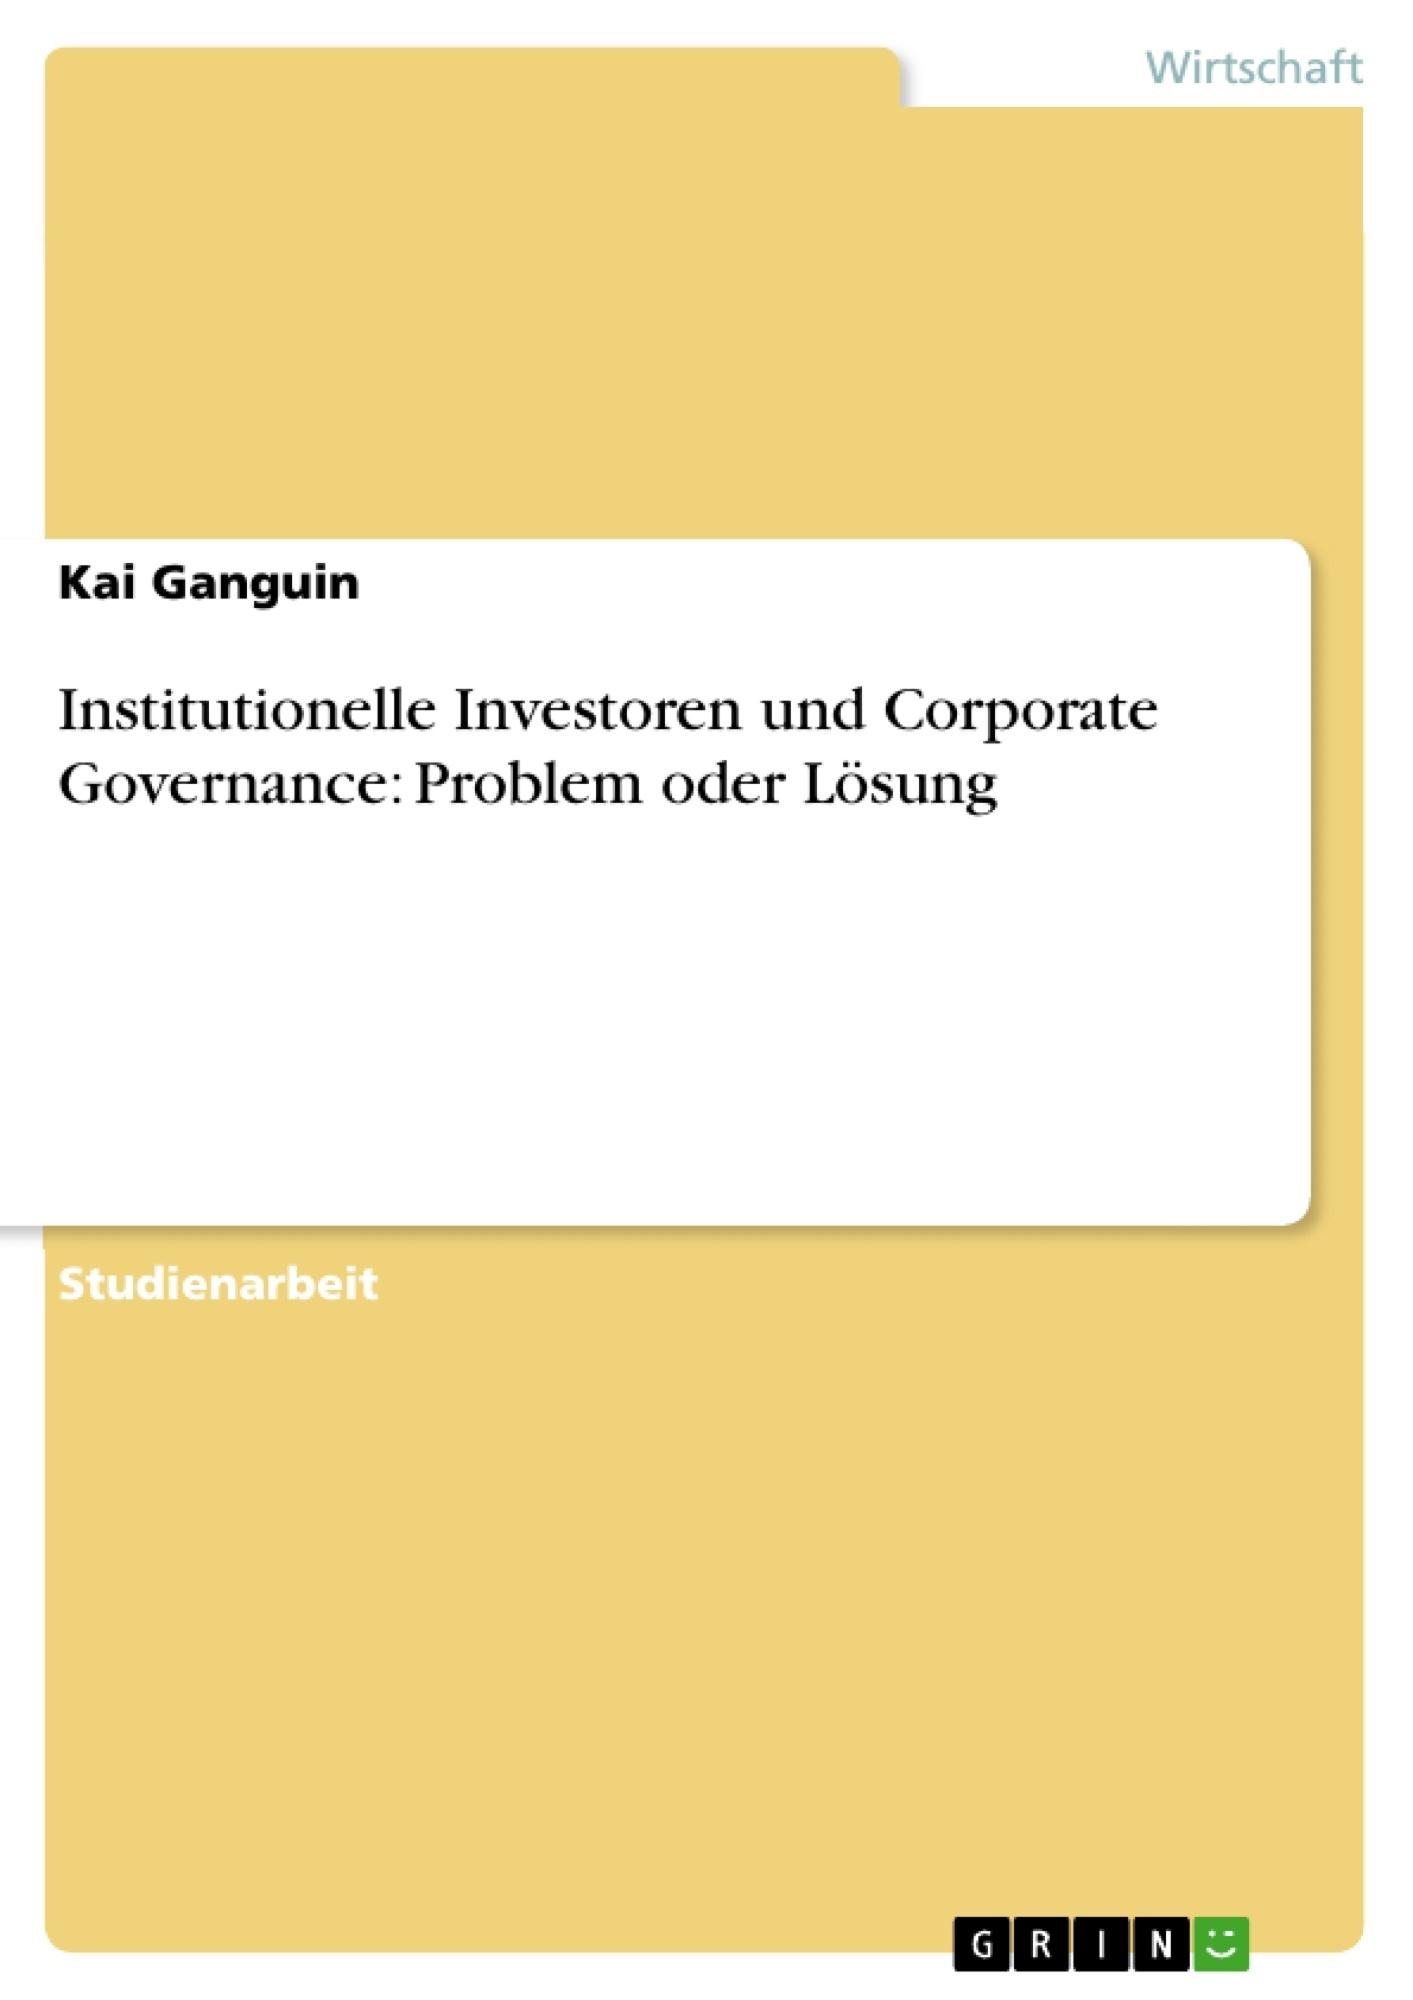 Titel: Institutionelle Investoren und Corporate Governance: Problem oder Lösung